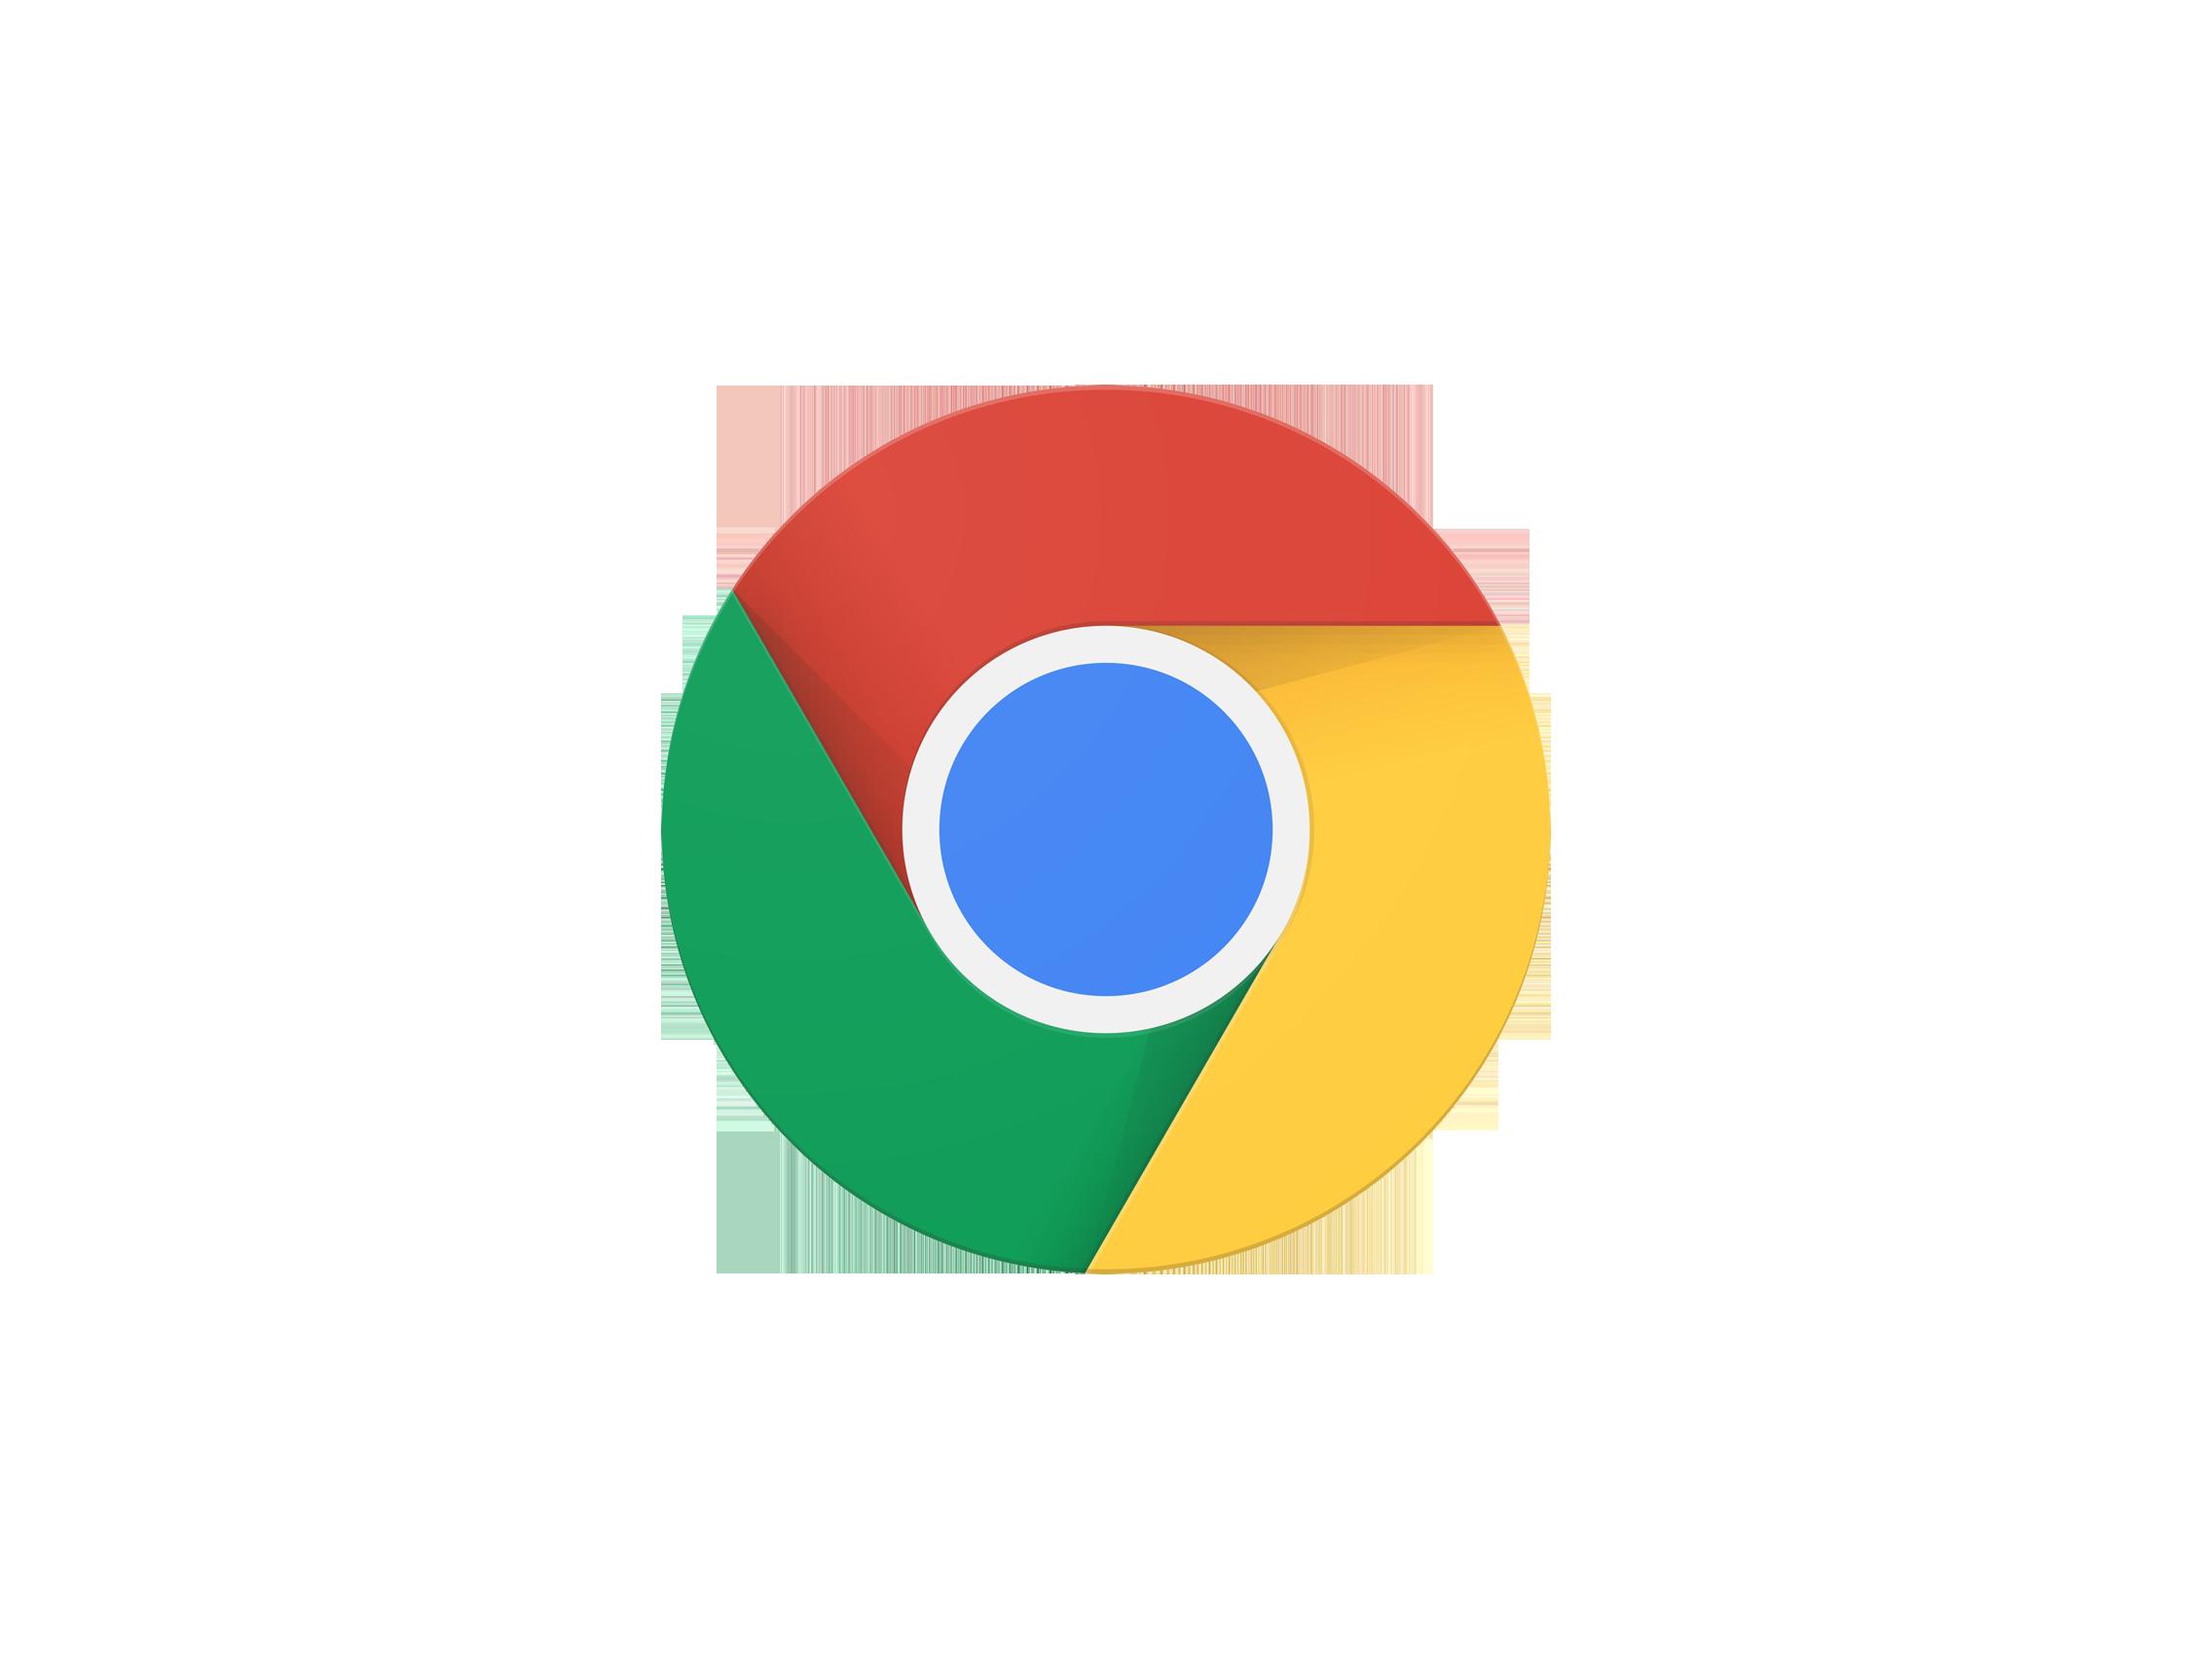 Google Chrome Logo 2 Wallpaper